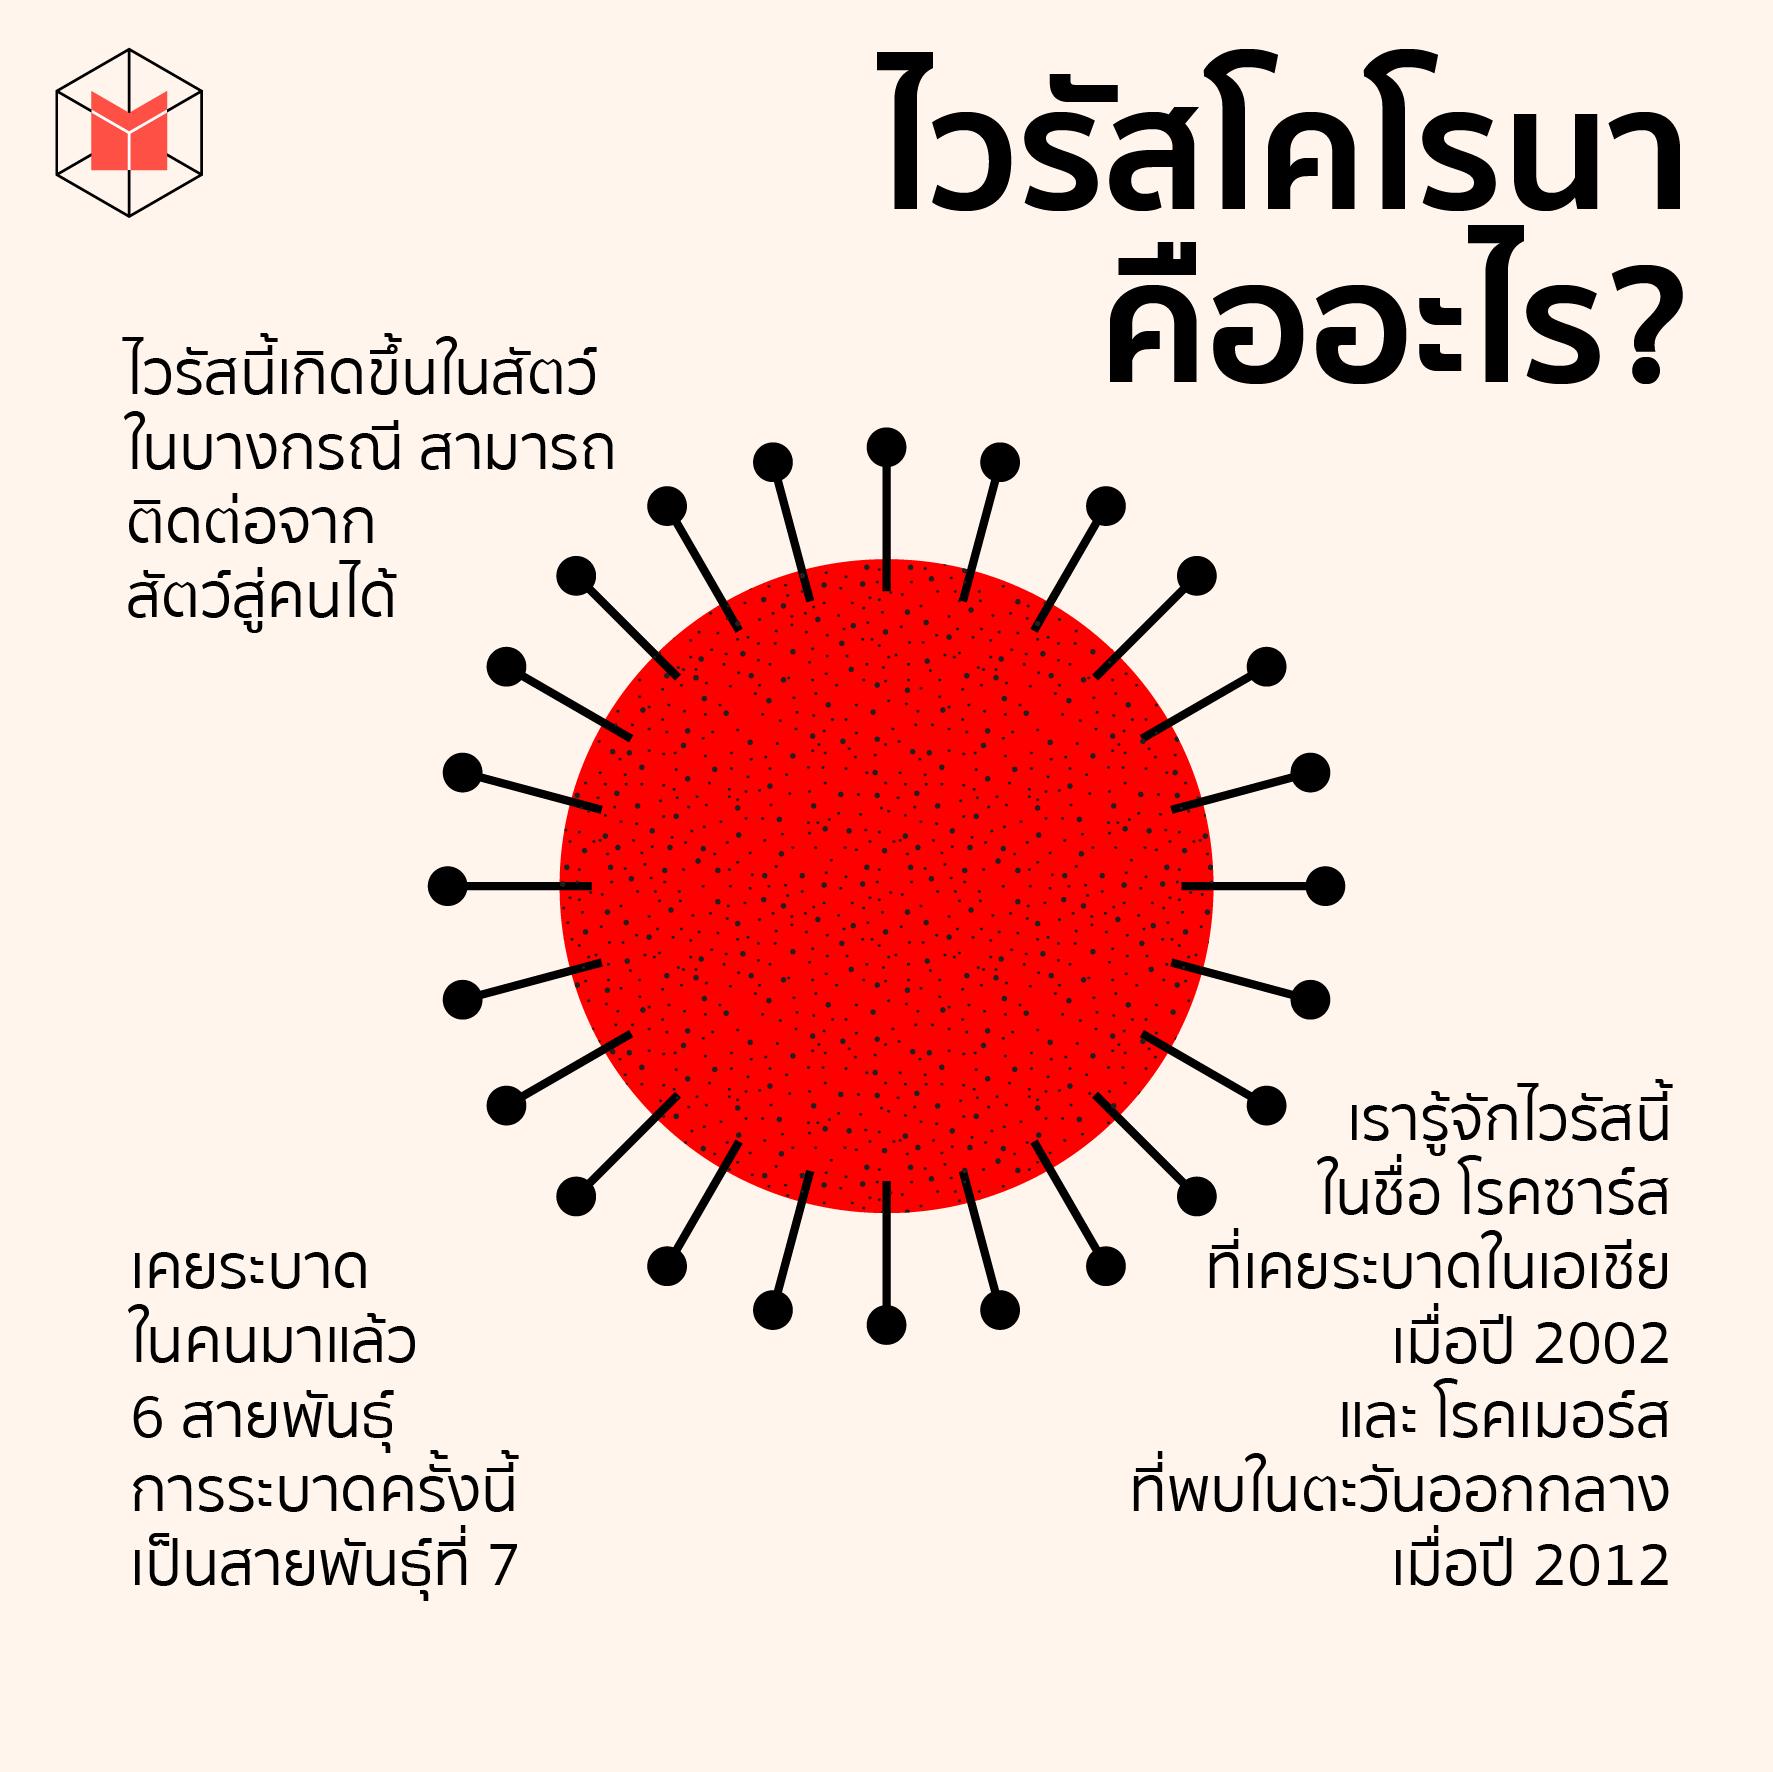 ไวรัสโคโรนาสายพันธุ์ใหม่